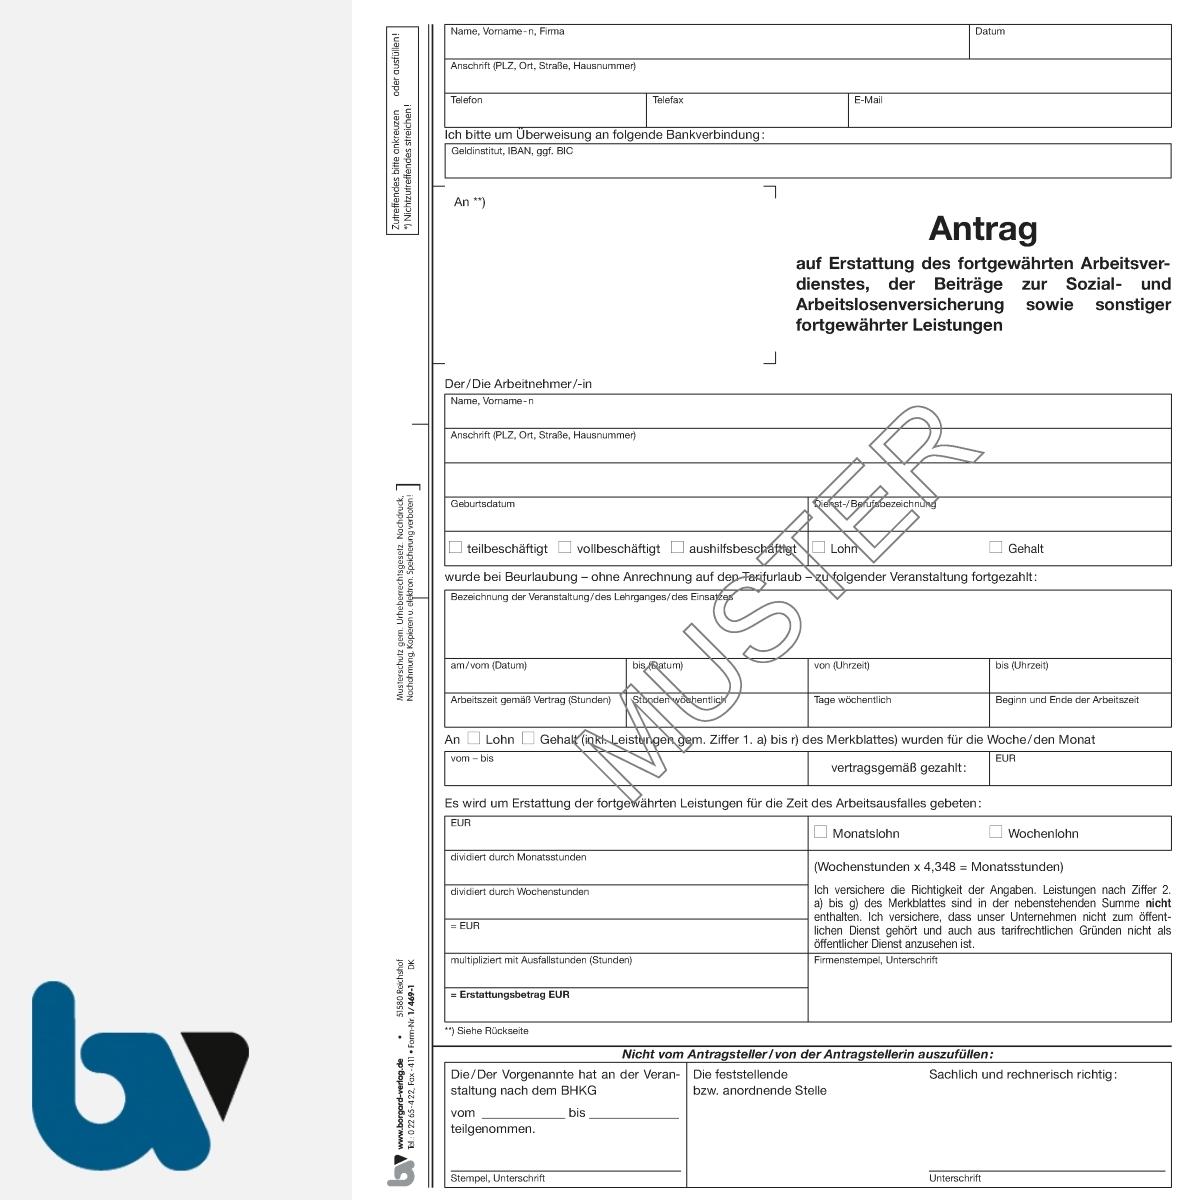 1/469-1 Antrag Erstattung fortgewährt Arbeitsverdienst Sozial Arbeitslosenversicherung sonstige Leistungen Feuerwehr NRW BHKG DIN A4 VS | Borgard Verlag GmbH